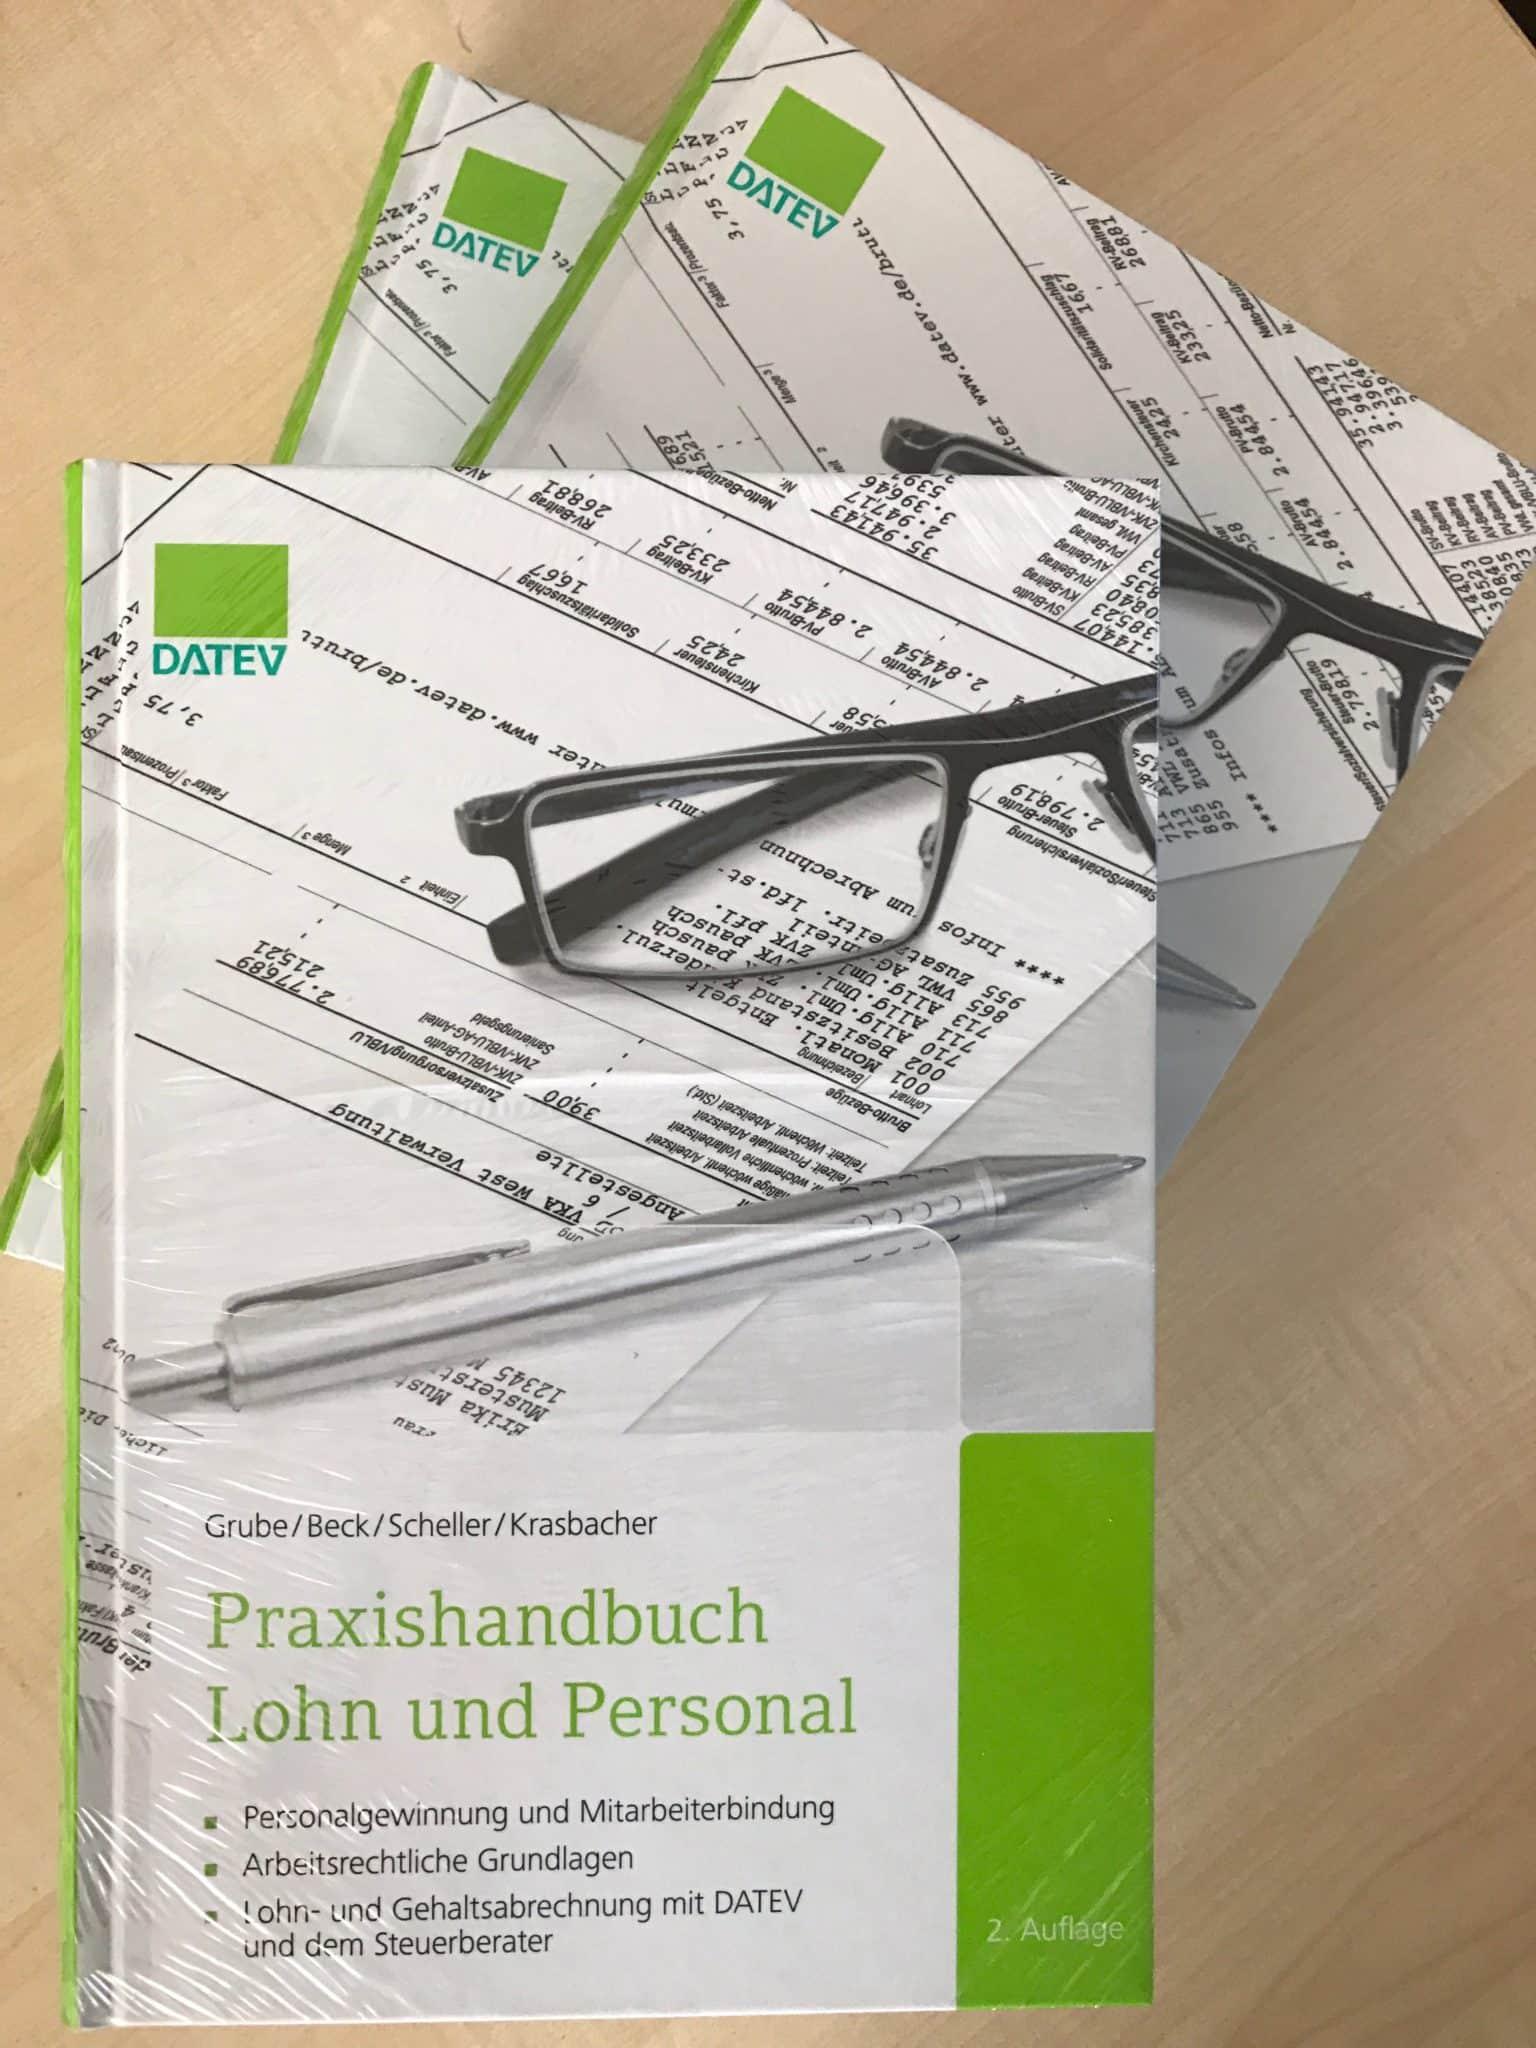 DATEV Verlage Praxishandbuch Lohn und Personal für kleine Unternehmen